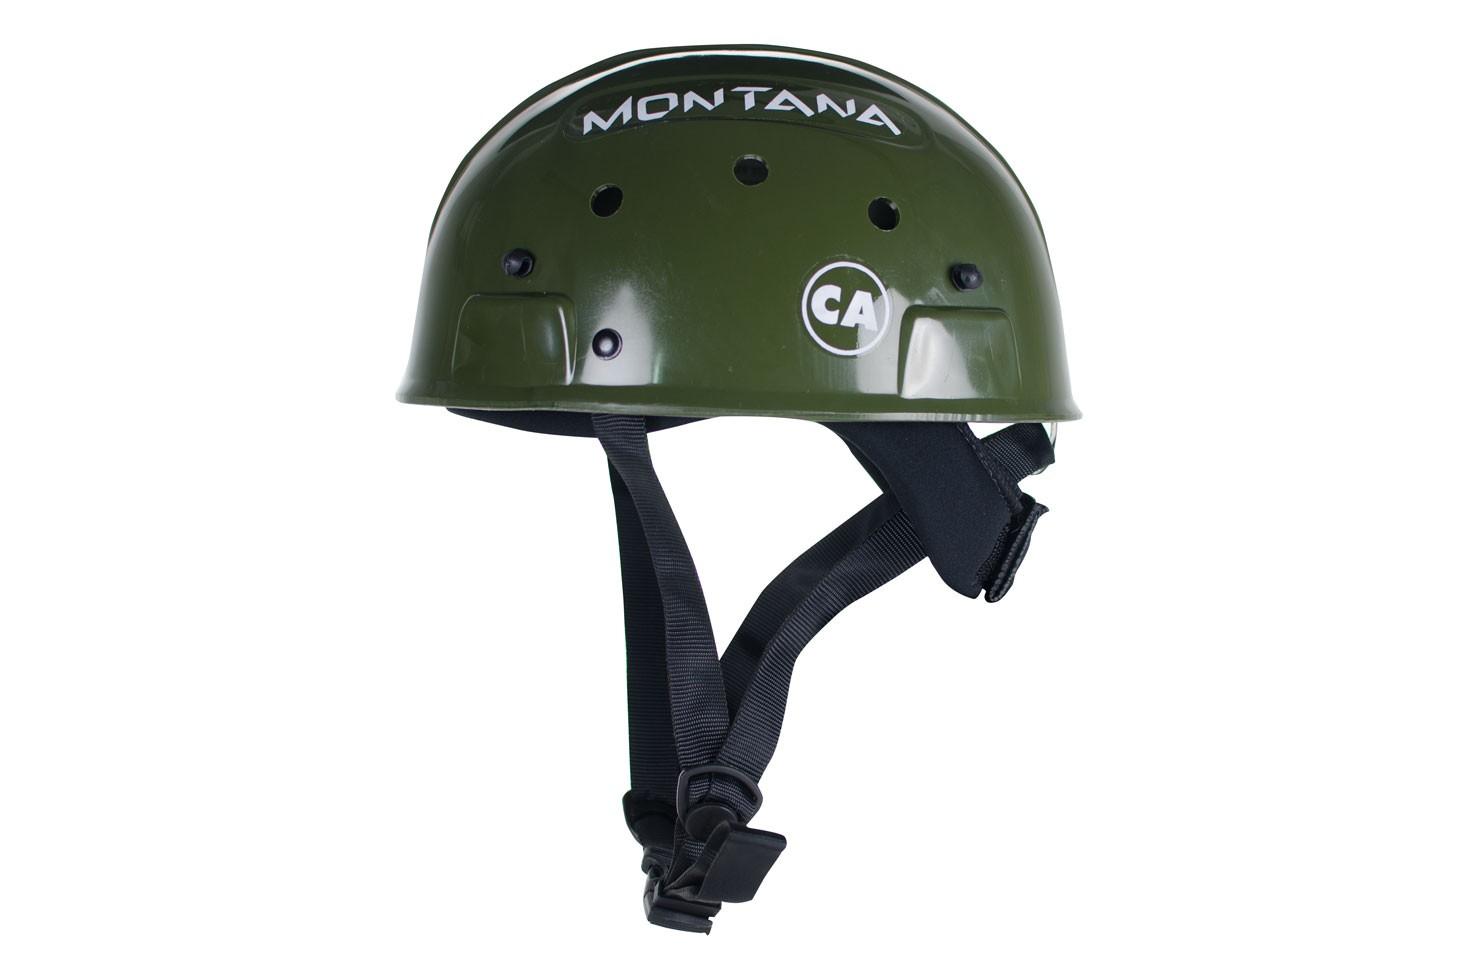 capacete_de_bike_montana_focus_verde